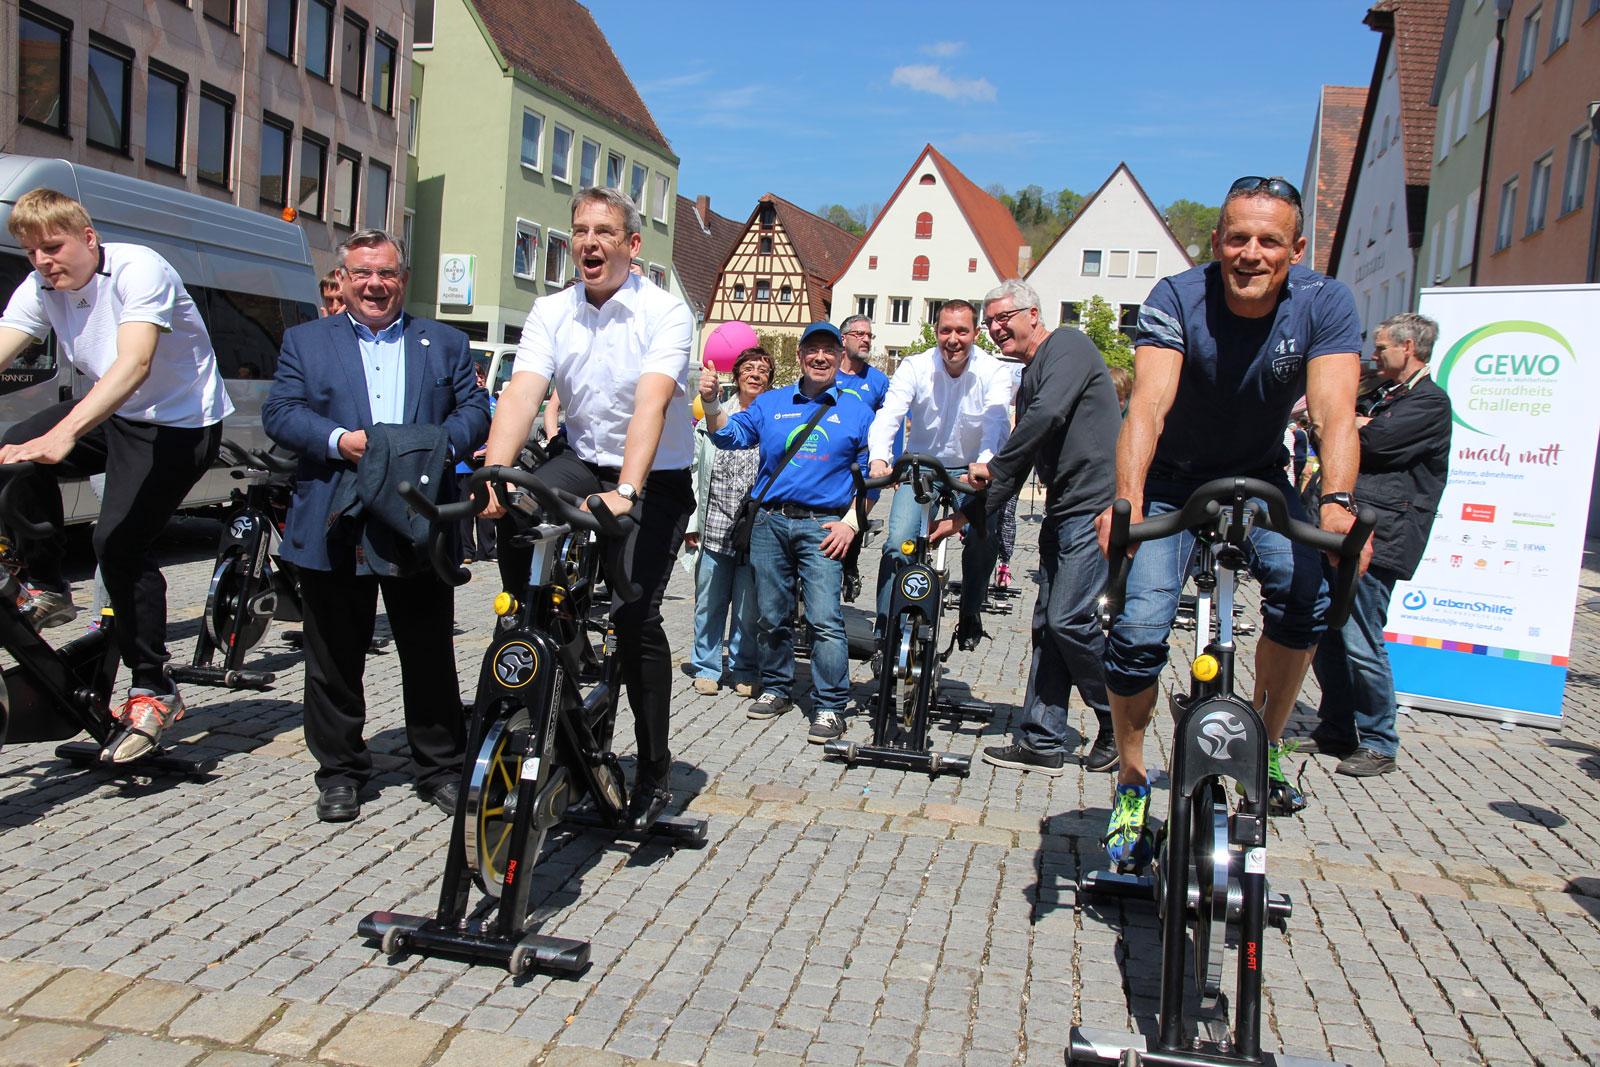 Sportlicher Startschuss der Challenge mit Landrat Kroder und Bürgermeister Ilg.